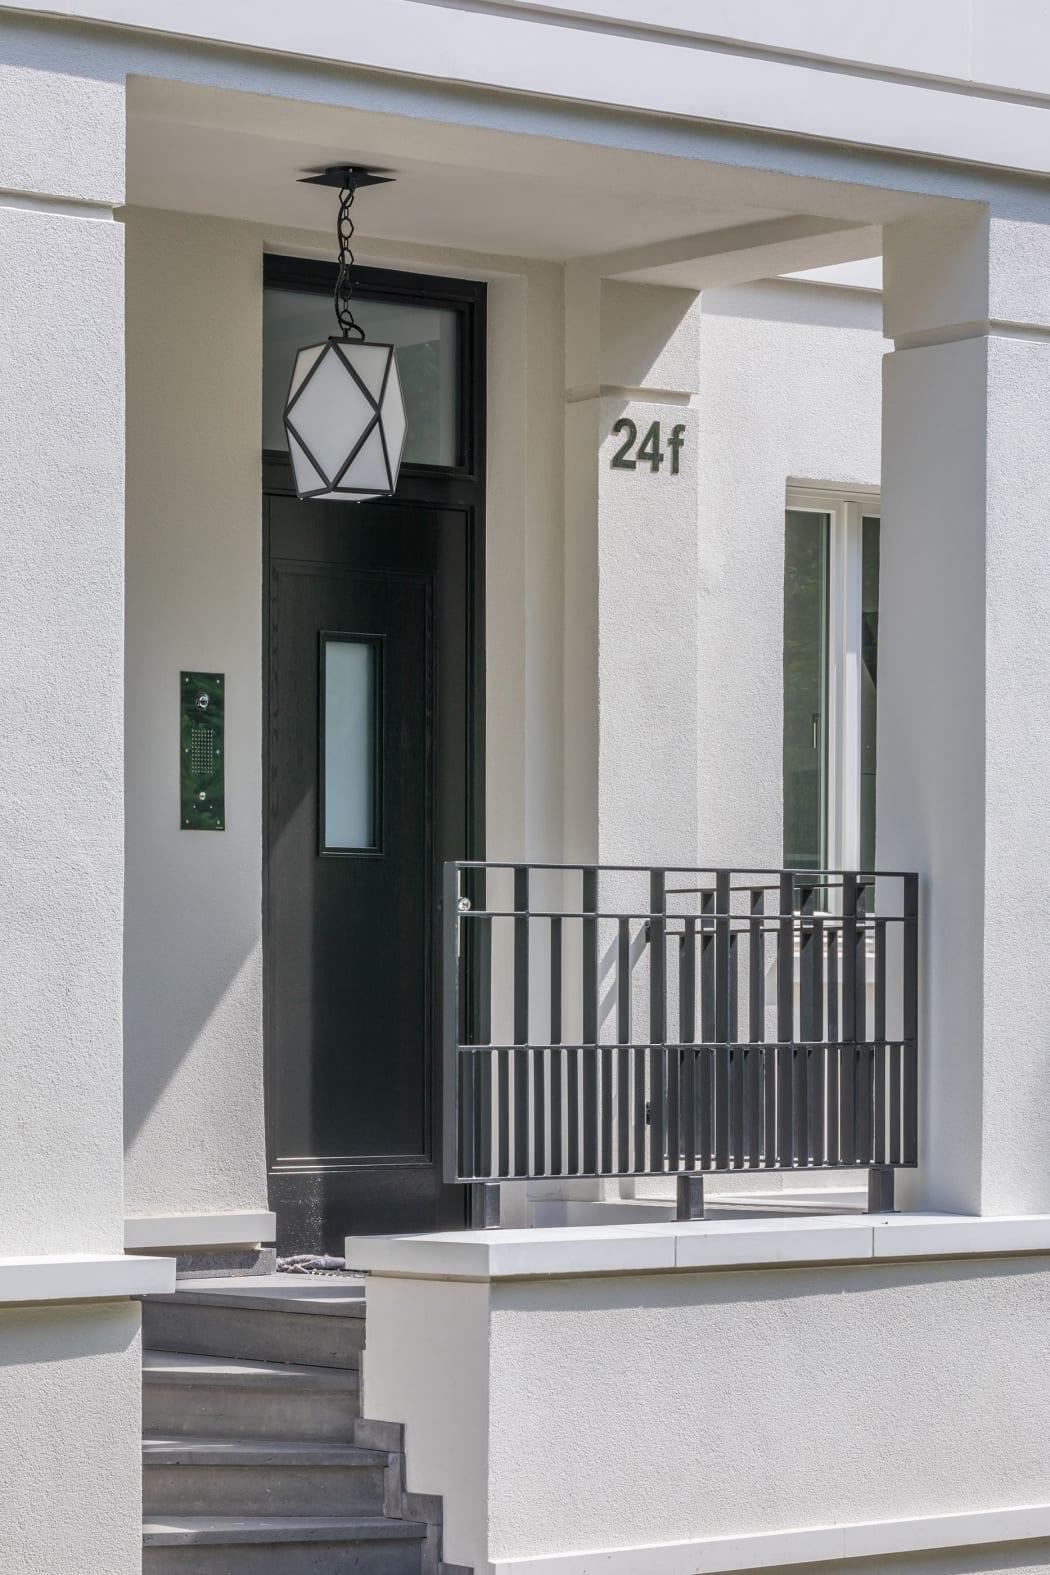 RKW Duesseldorf Sybelstrasse Crecent Garden Wohnbebauung Wohnhaus Gebaeudeensemble Wohnpalais Stadtpalais Ralph Richter 05